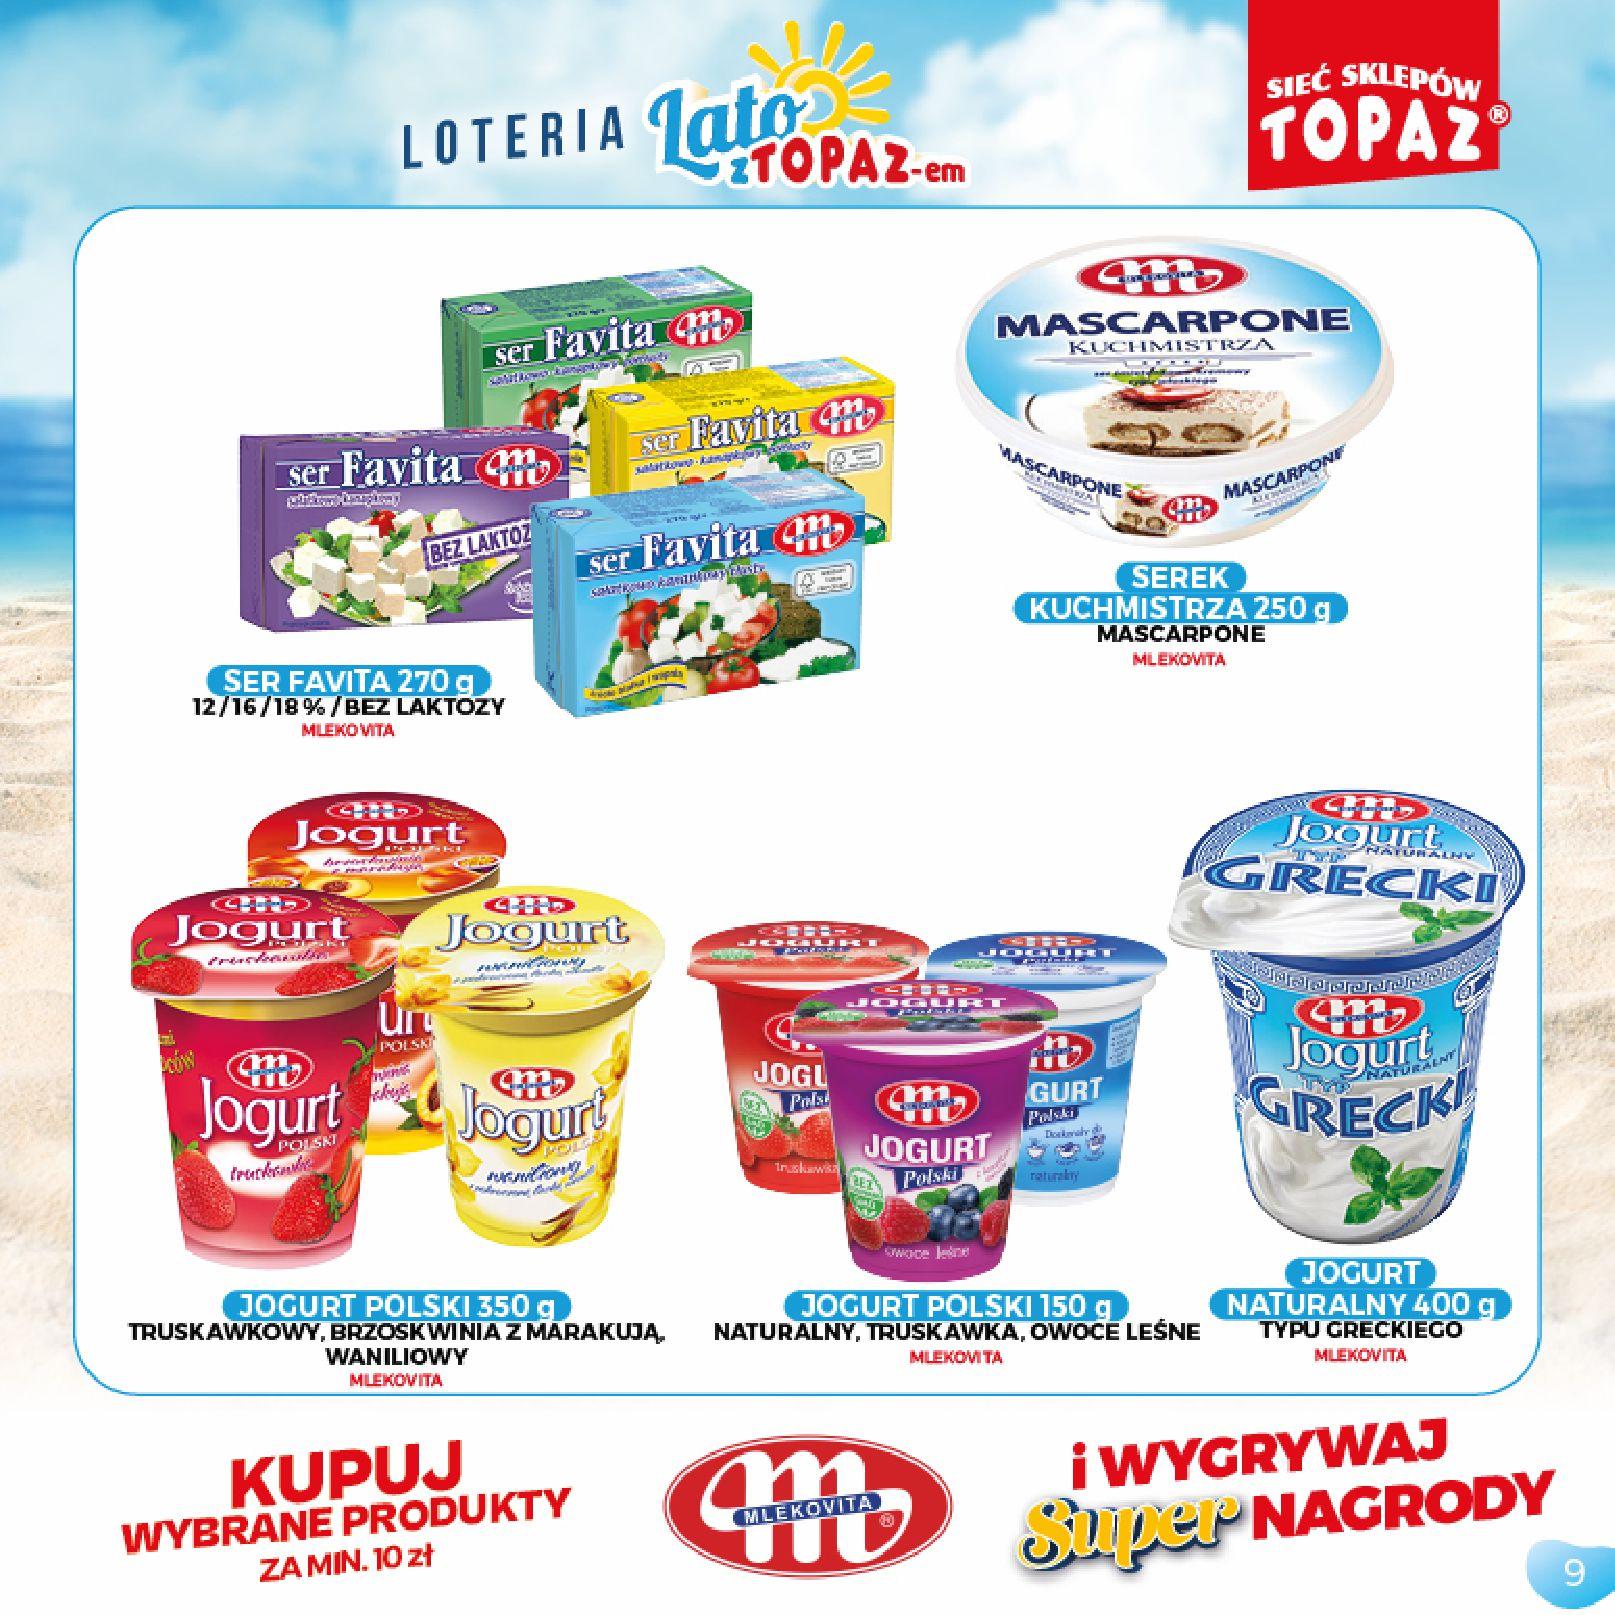 Gazetka TOPAZ: Gazetka TOPAZ - Loteria 2021-07-05 page-9